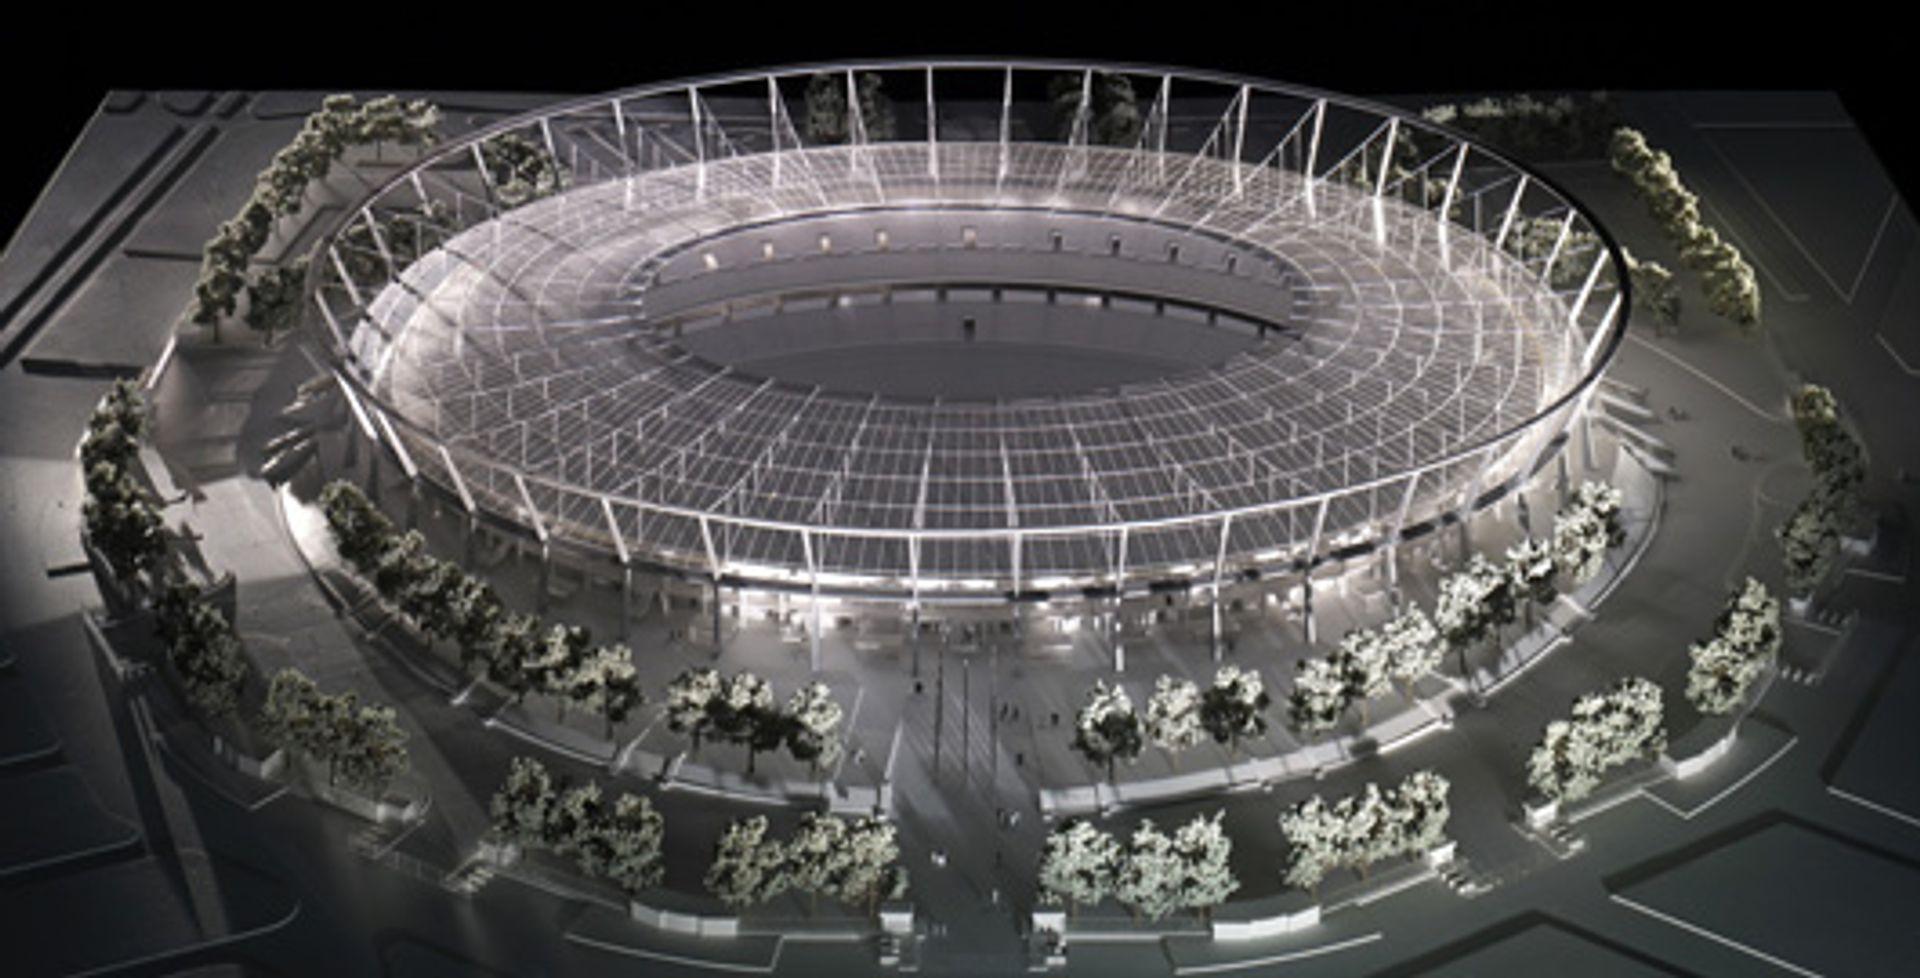 [śląskie] Stadion Śląski w Chorzowie: po Big Lift czas na pokrycie dachu